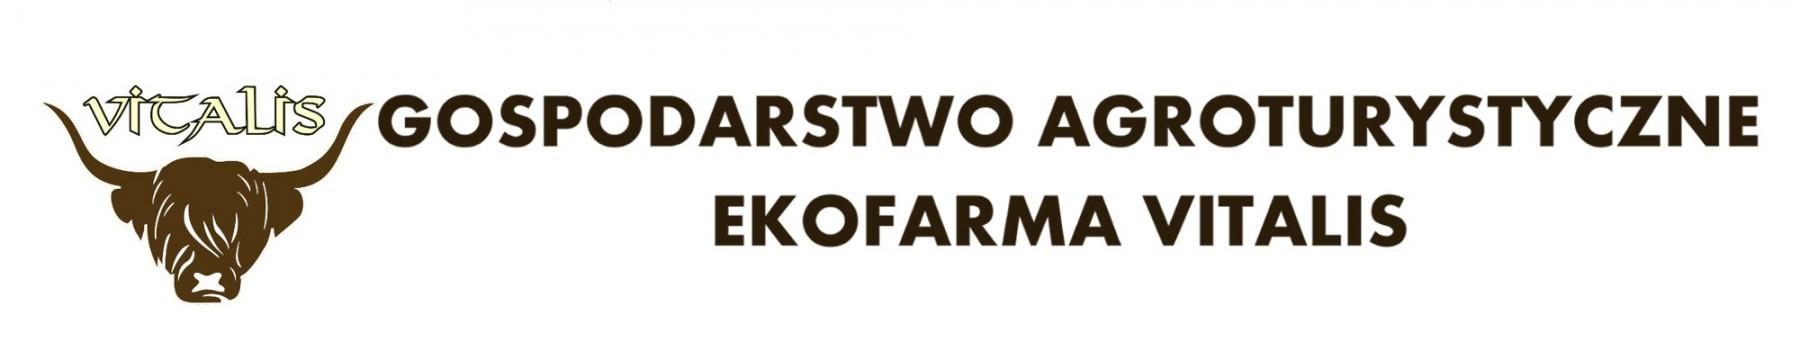 Gospodarstwo Agroturystyczne i Ekofarma Vitalis Zastawno